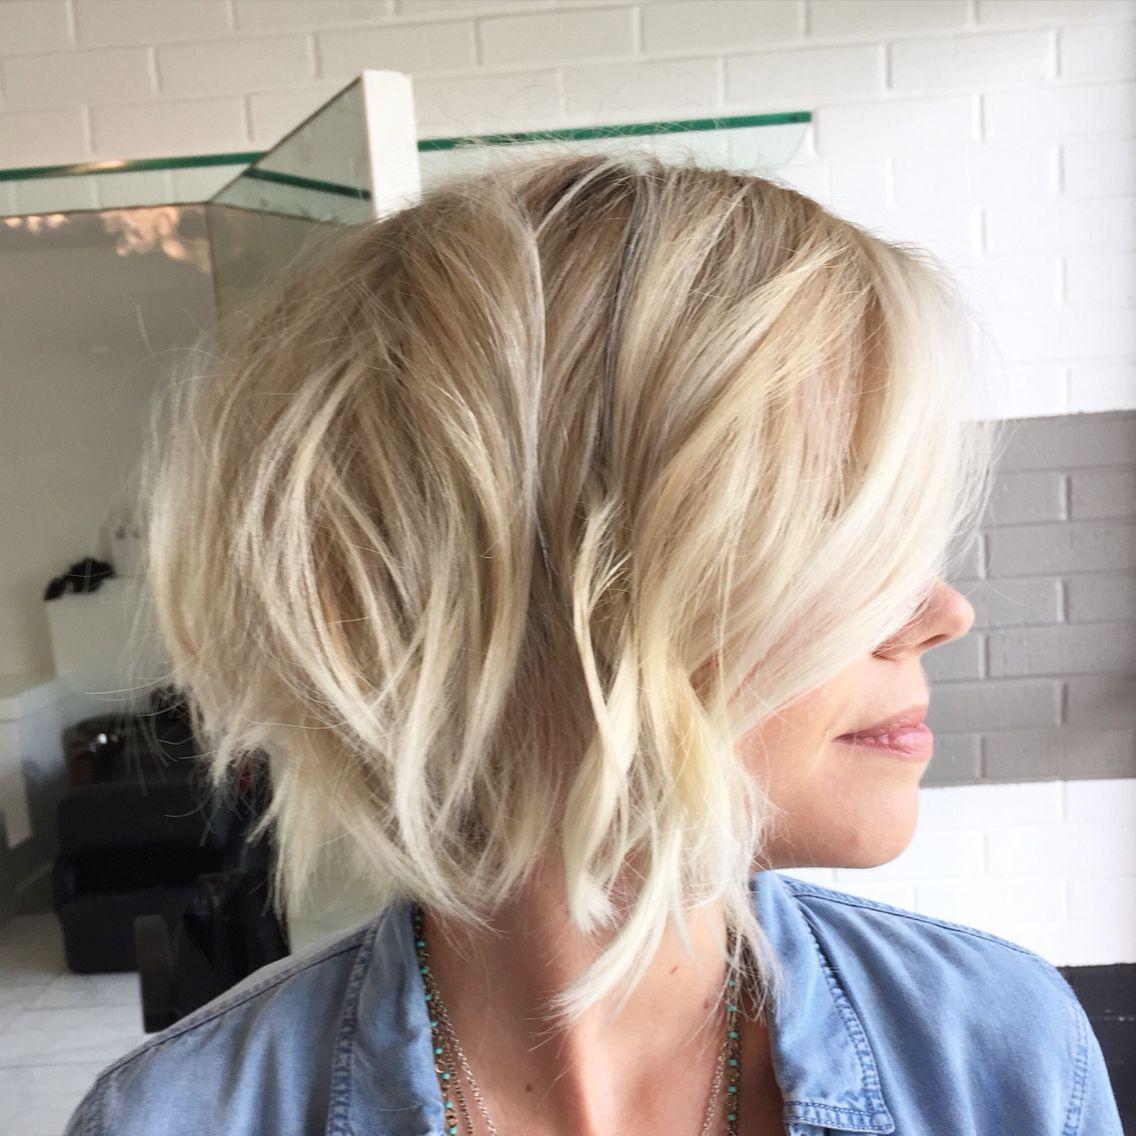 pin chelsea ferguson hair